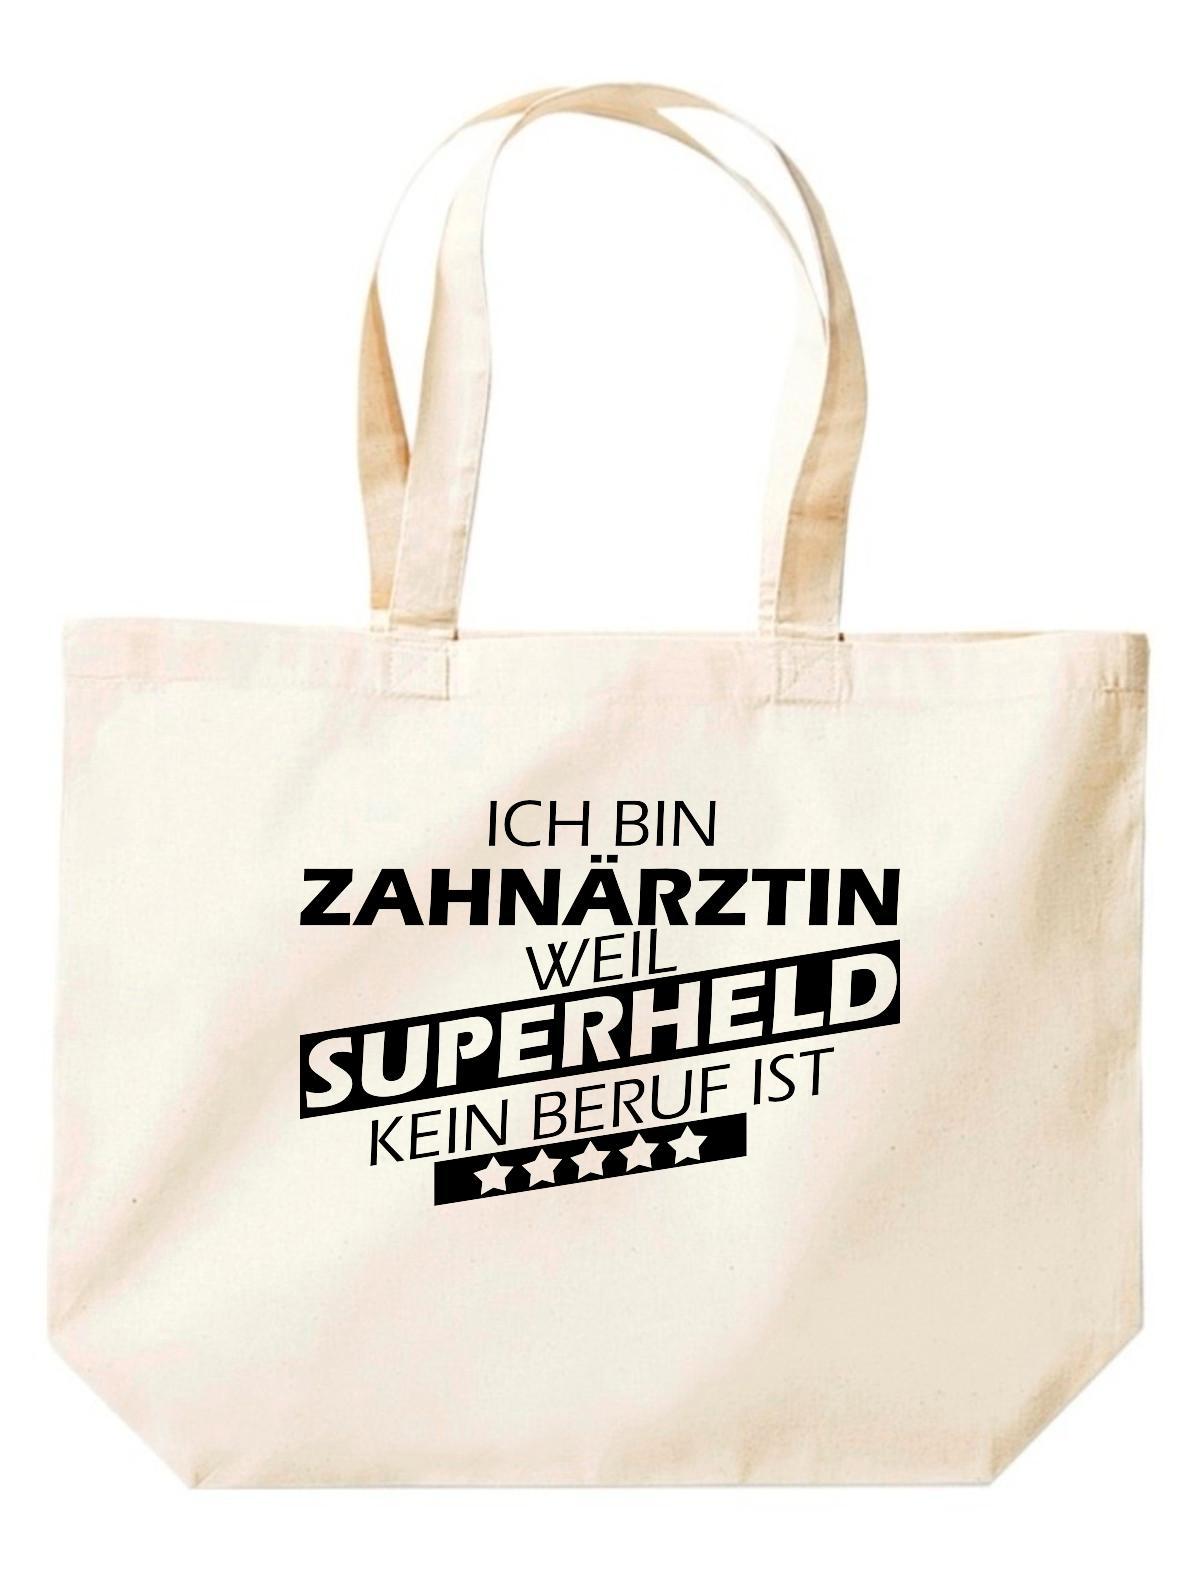 grosse-Einkaufstasche-Ich-bin-Zahnaerztin-weil-Superheld-kein-Beruf-ist